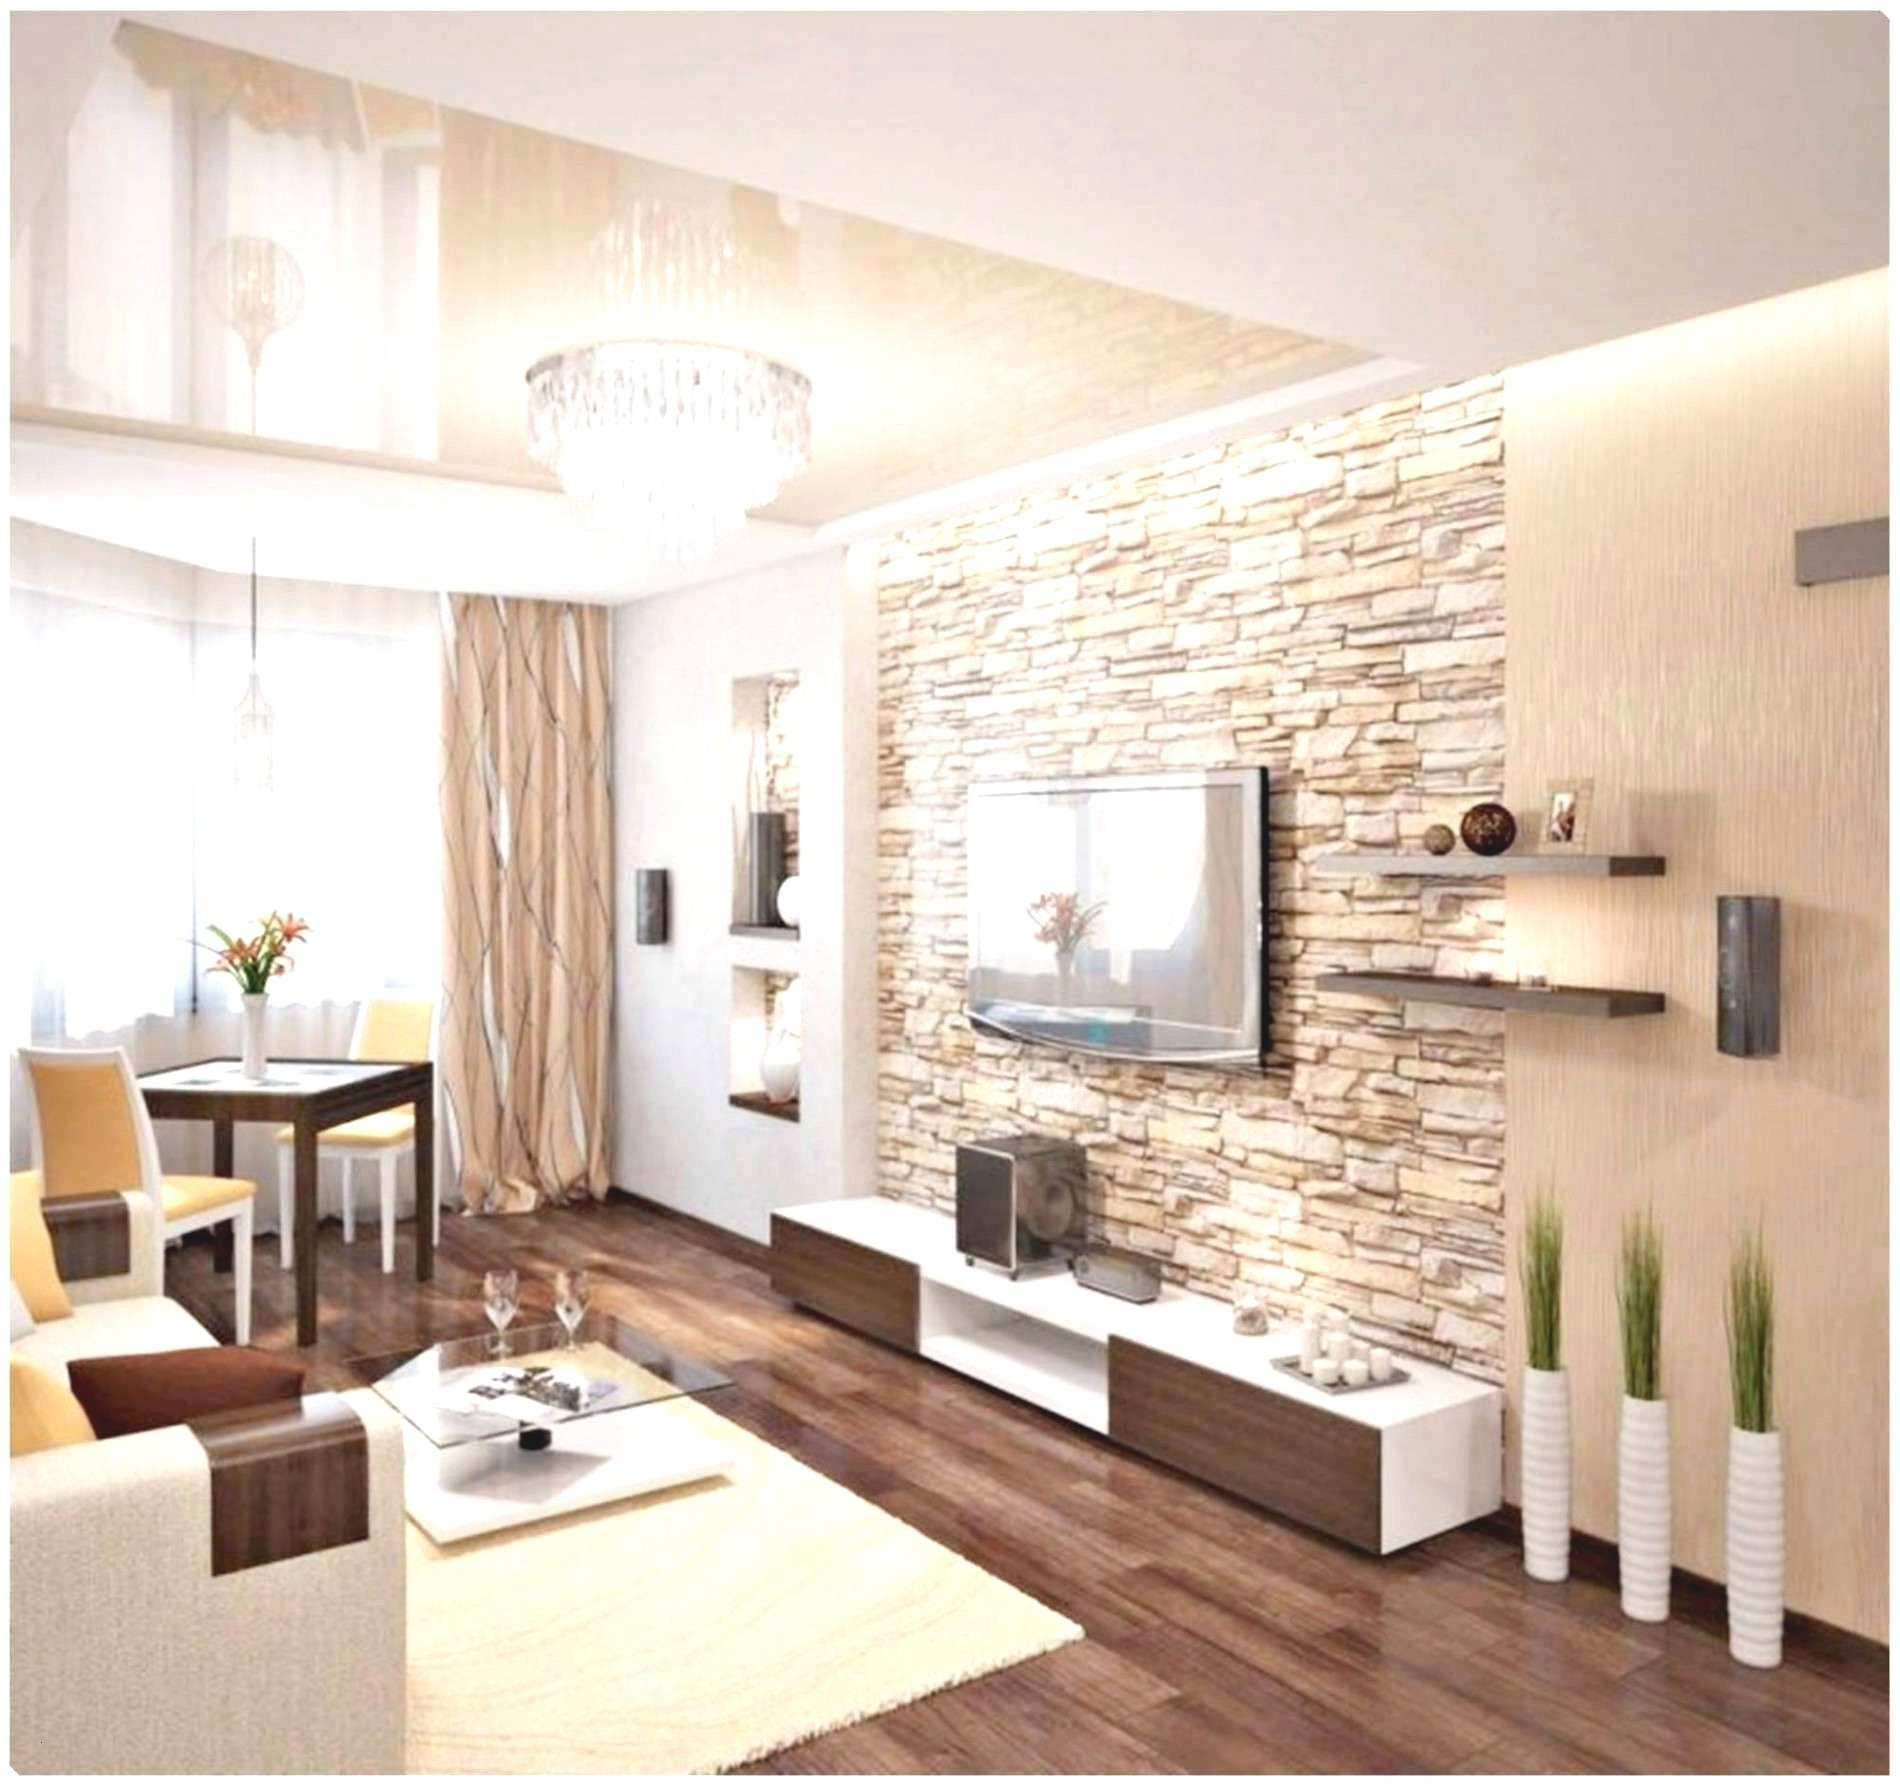 Full Size of Moderne Wohnzimmer 25 Elegant Tapeten Genial Design Hängelampe Deckenlampen Landhausstil Led Deckenleuchte Decken Gardinen Hängeschrank Weiß Hochglanz Wohnzimmer Moderne Wohnzimmer